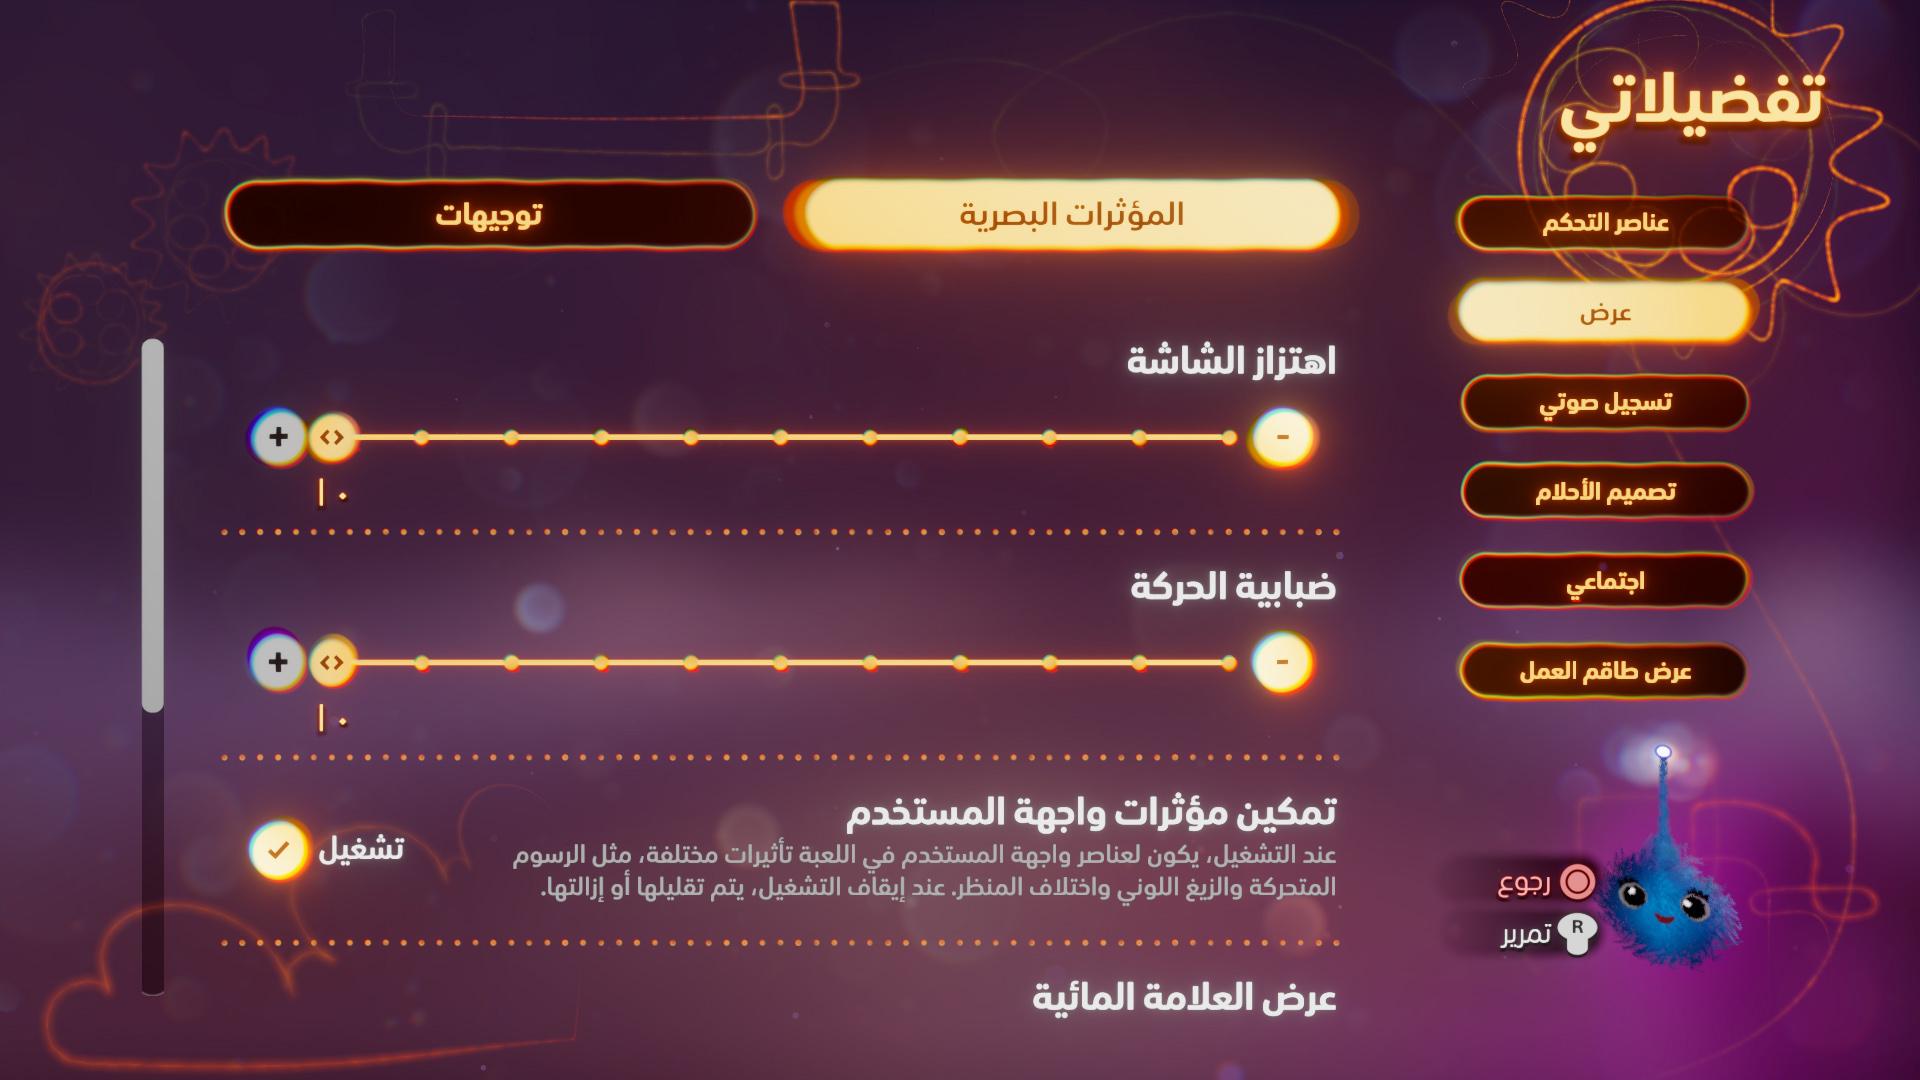 لقطة شاشة تُظهر الخيارات المرئية في قائمة التفضيلات